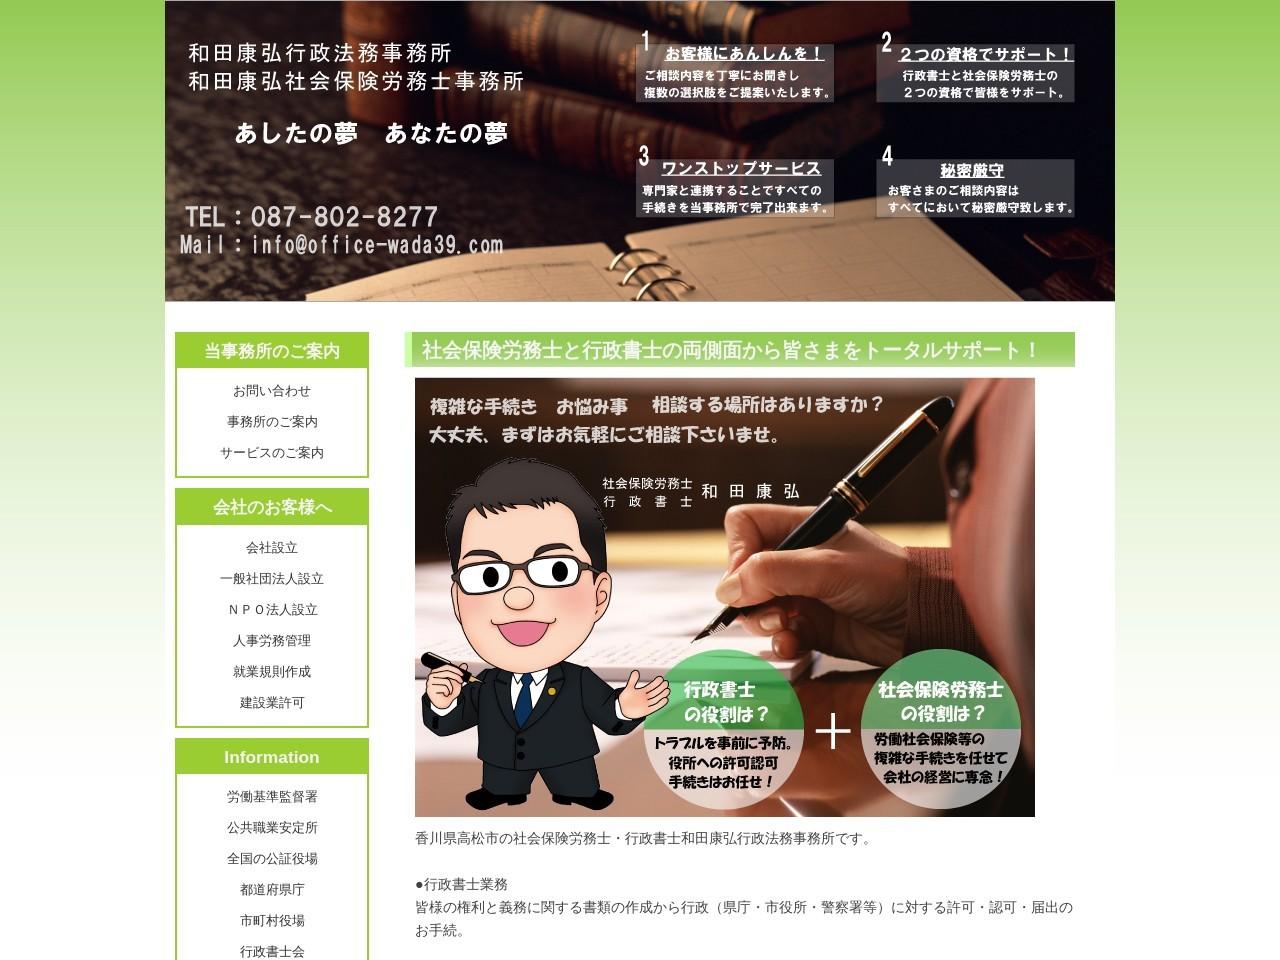 和田康弘行政法務事務所